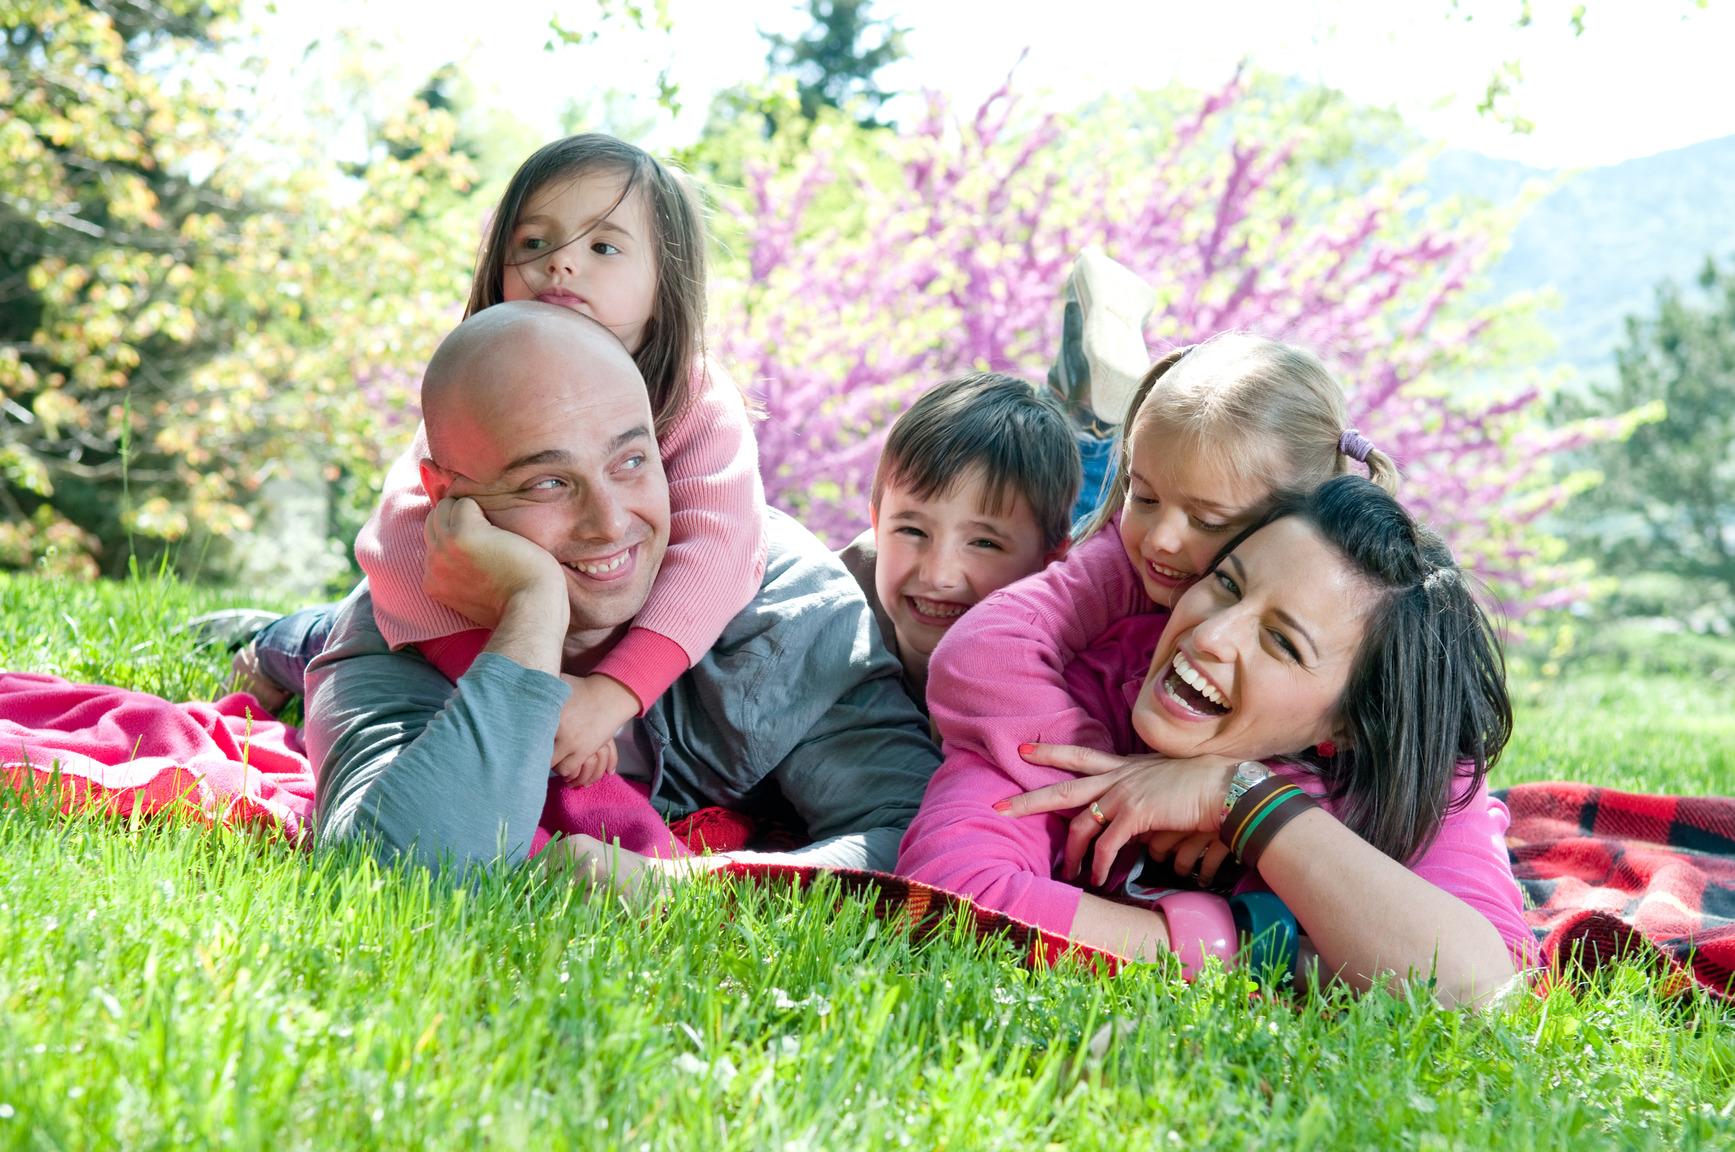 Provodite više vremena sa svojom porodicom